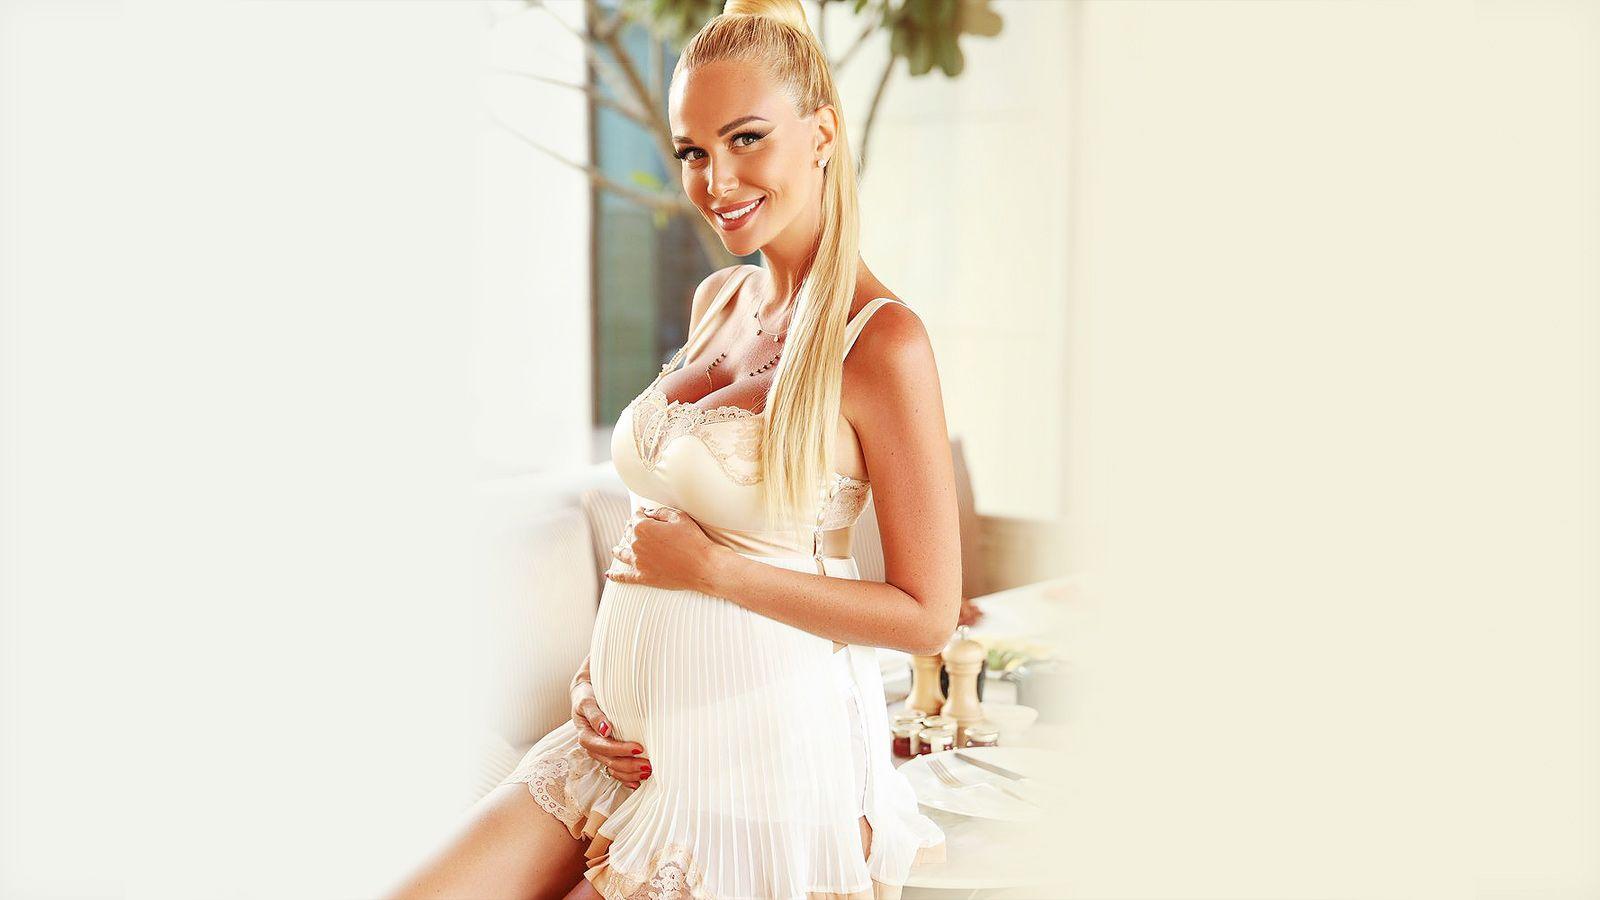 Лопырева показала «беременные» фото и поведала оботце будущего ребенка